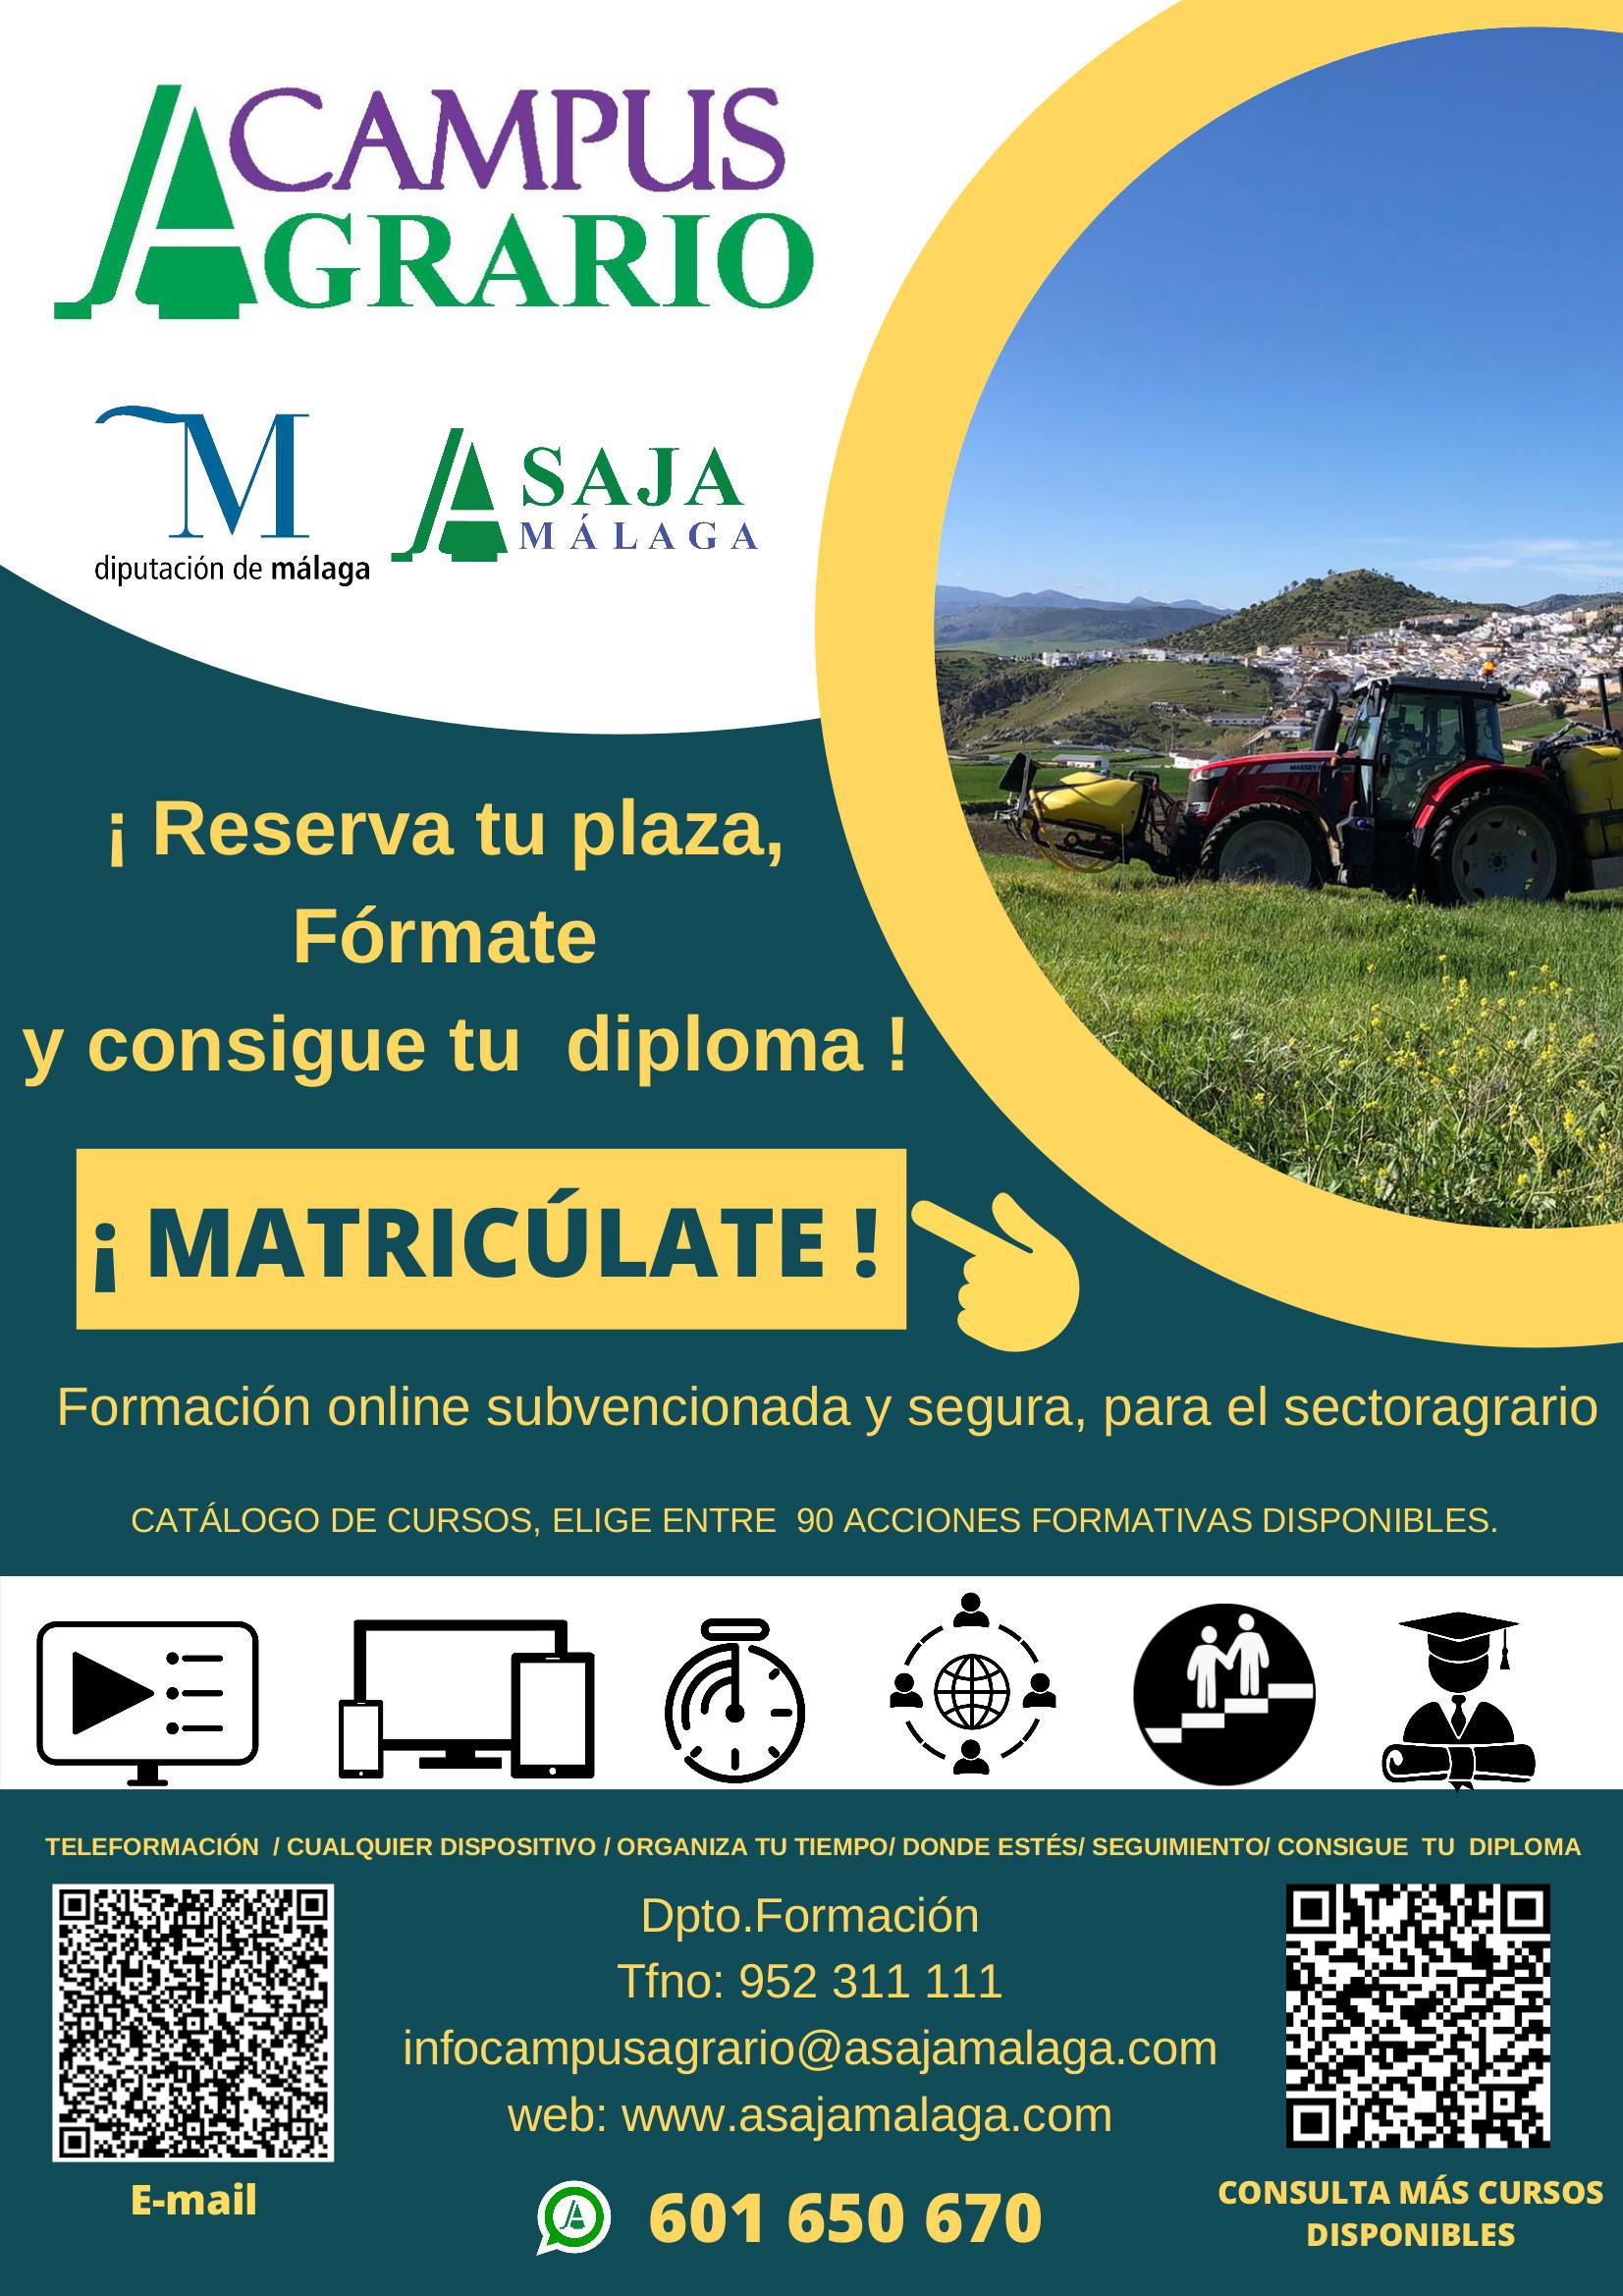 cartel-campus-agrario-asaja-2020